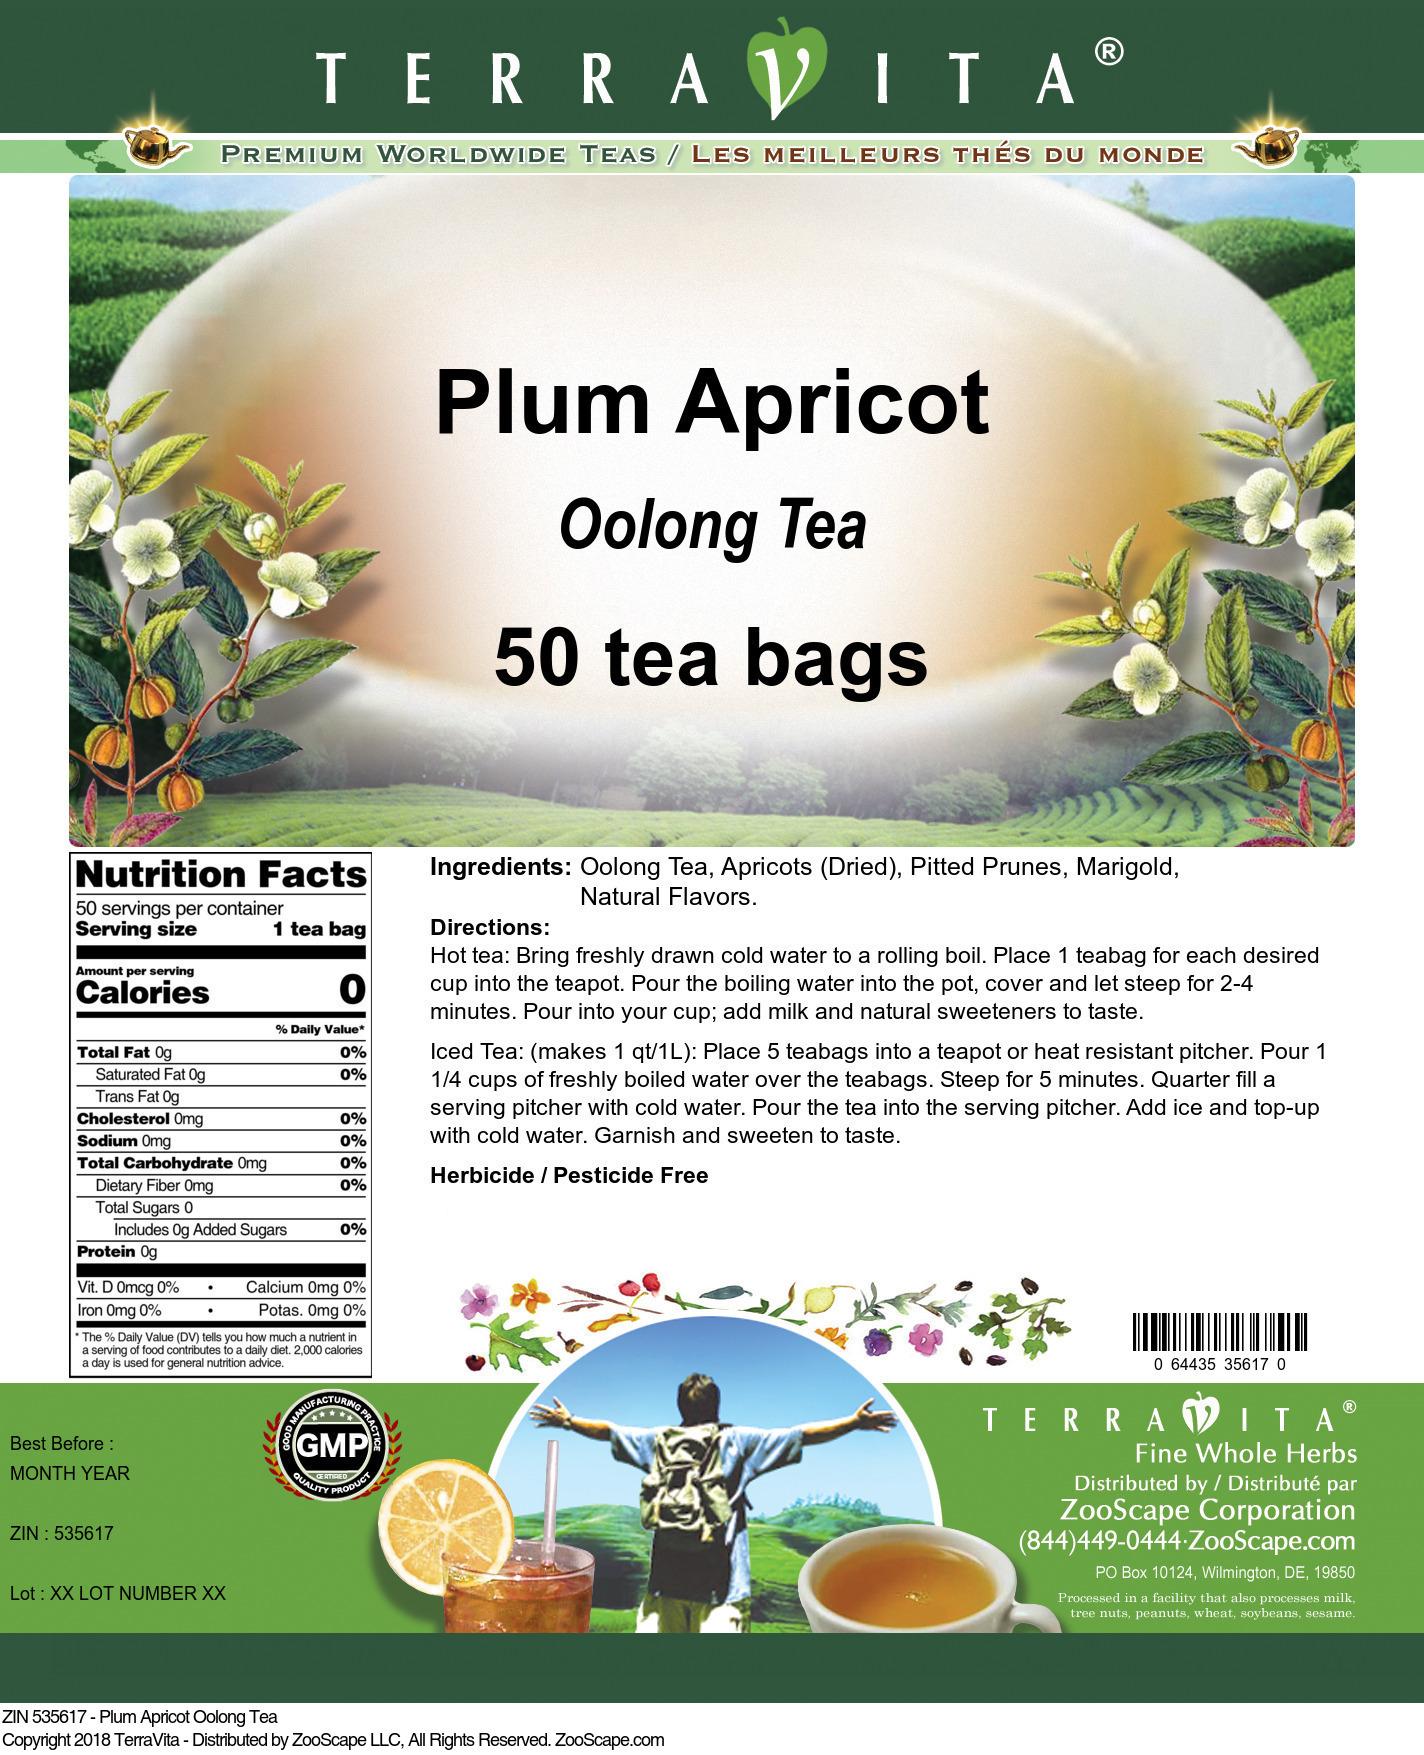 Plum Apricot Oolong Tea